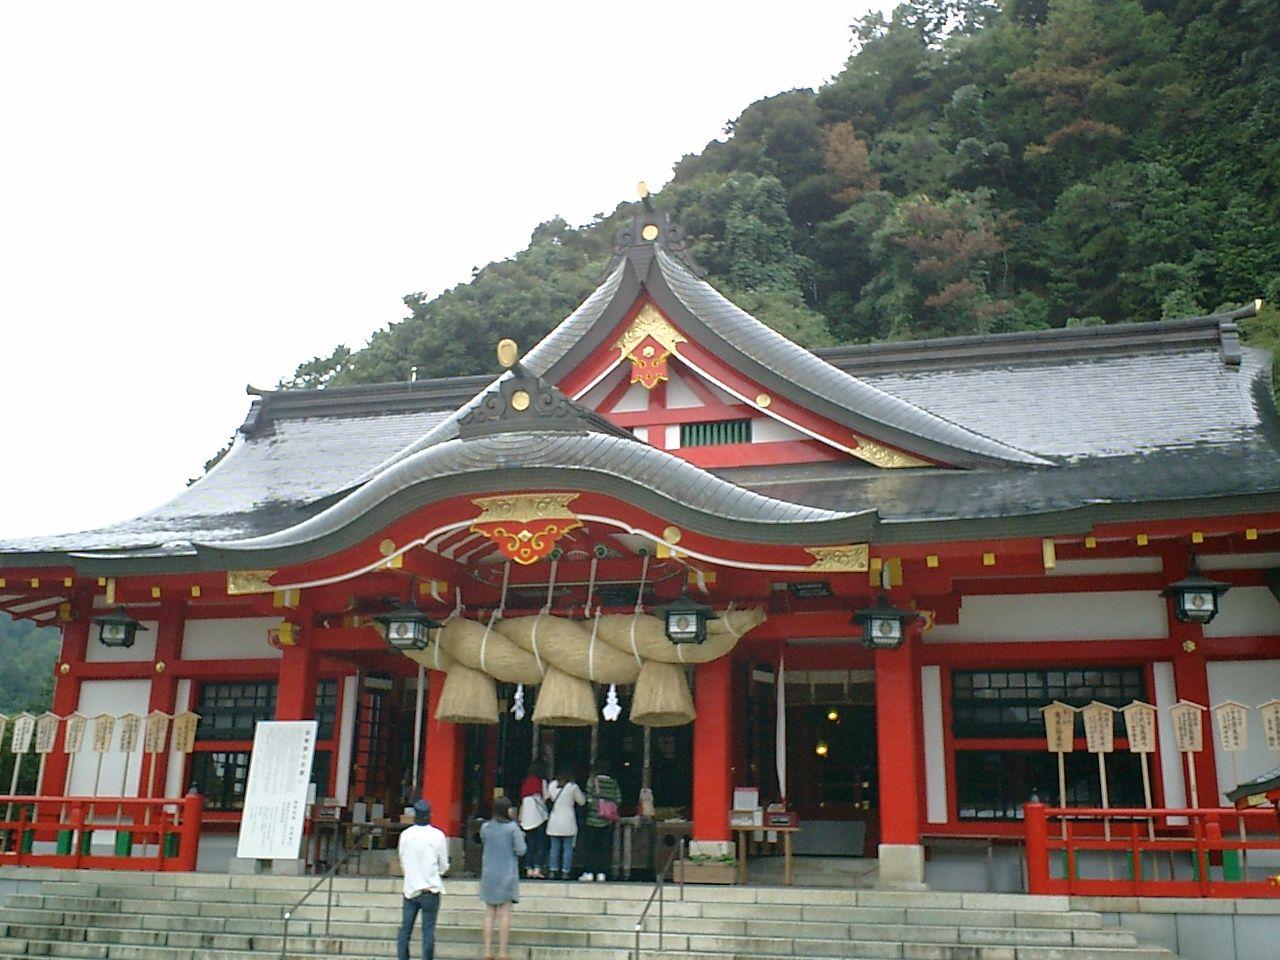 日本五大稲荷のひとつ「太皷谷稲成神社」は「成」の字に注目!